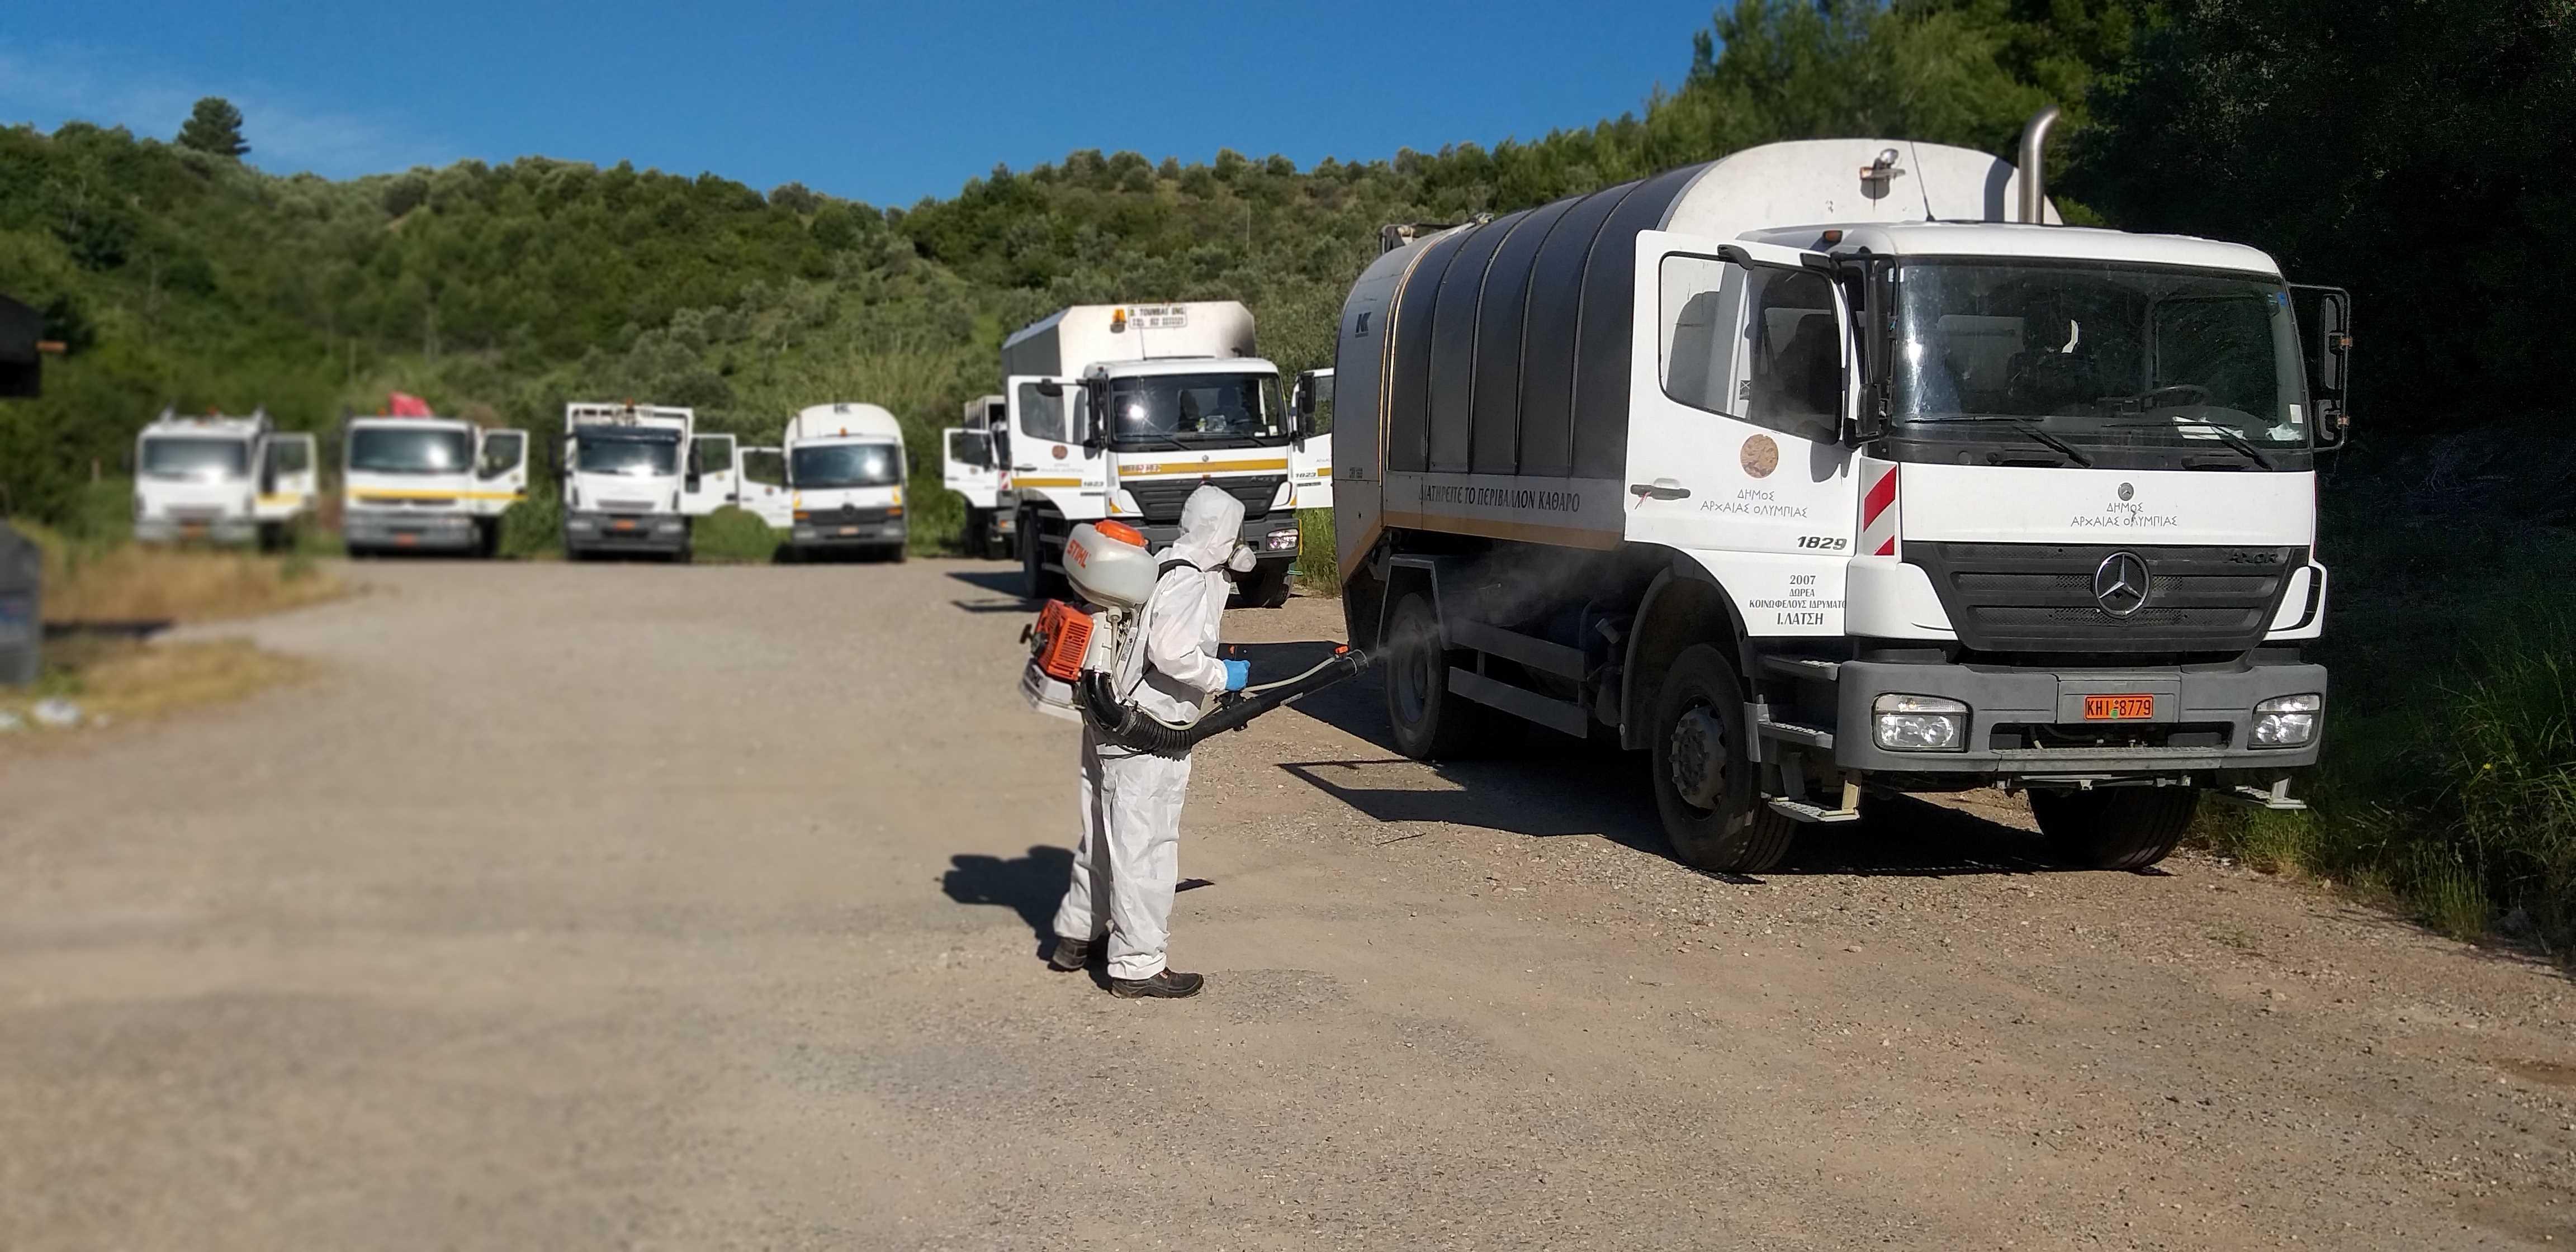 Δήμος Αρχαίας Ολυμπίας: Απολύμανση οχημάτων στον Δήμο στα πλαίσια των μέτρων πρόληψης για τον κορωνοϊό (Photos)